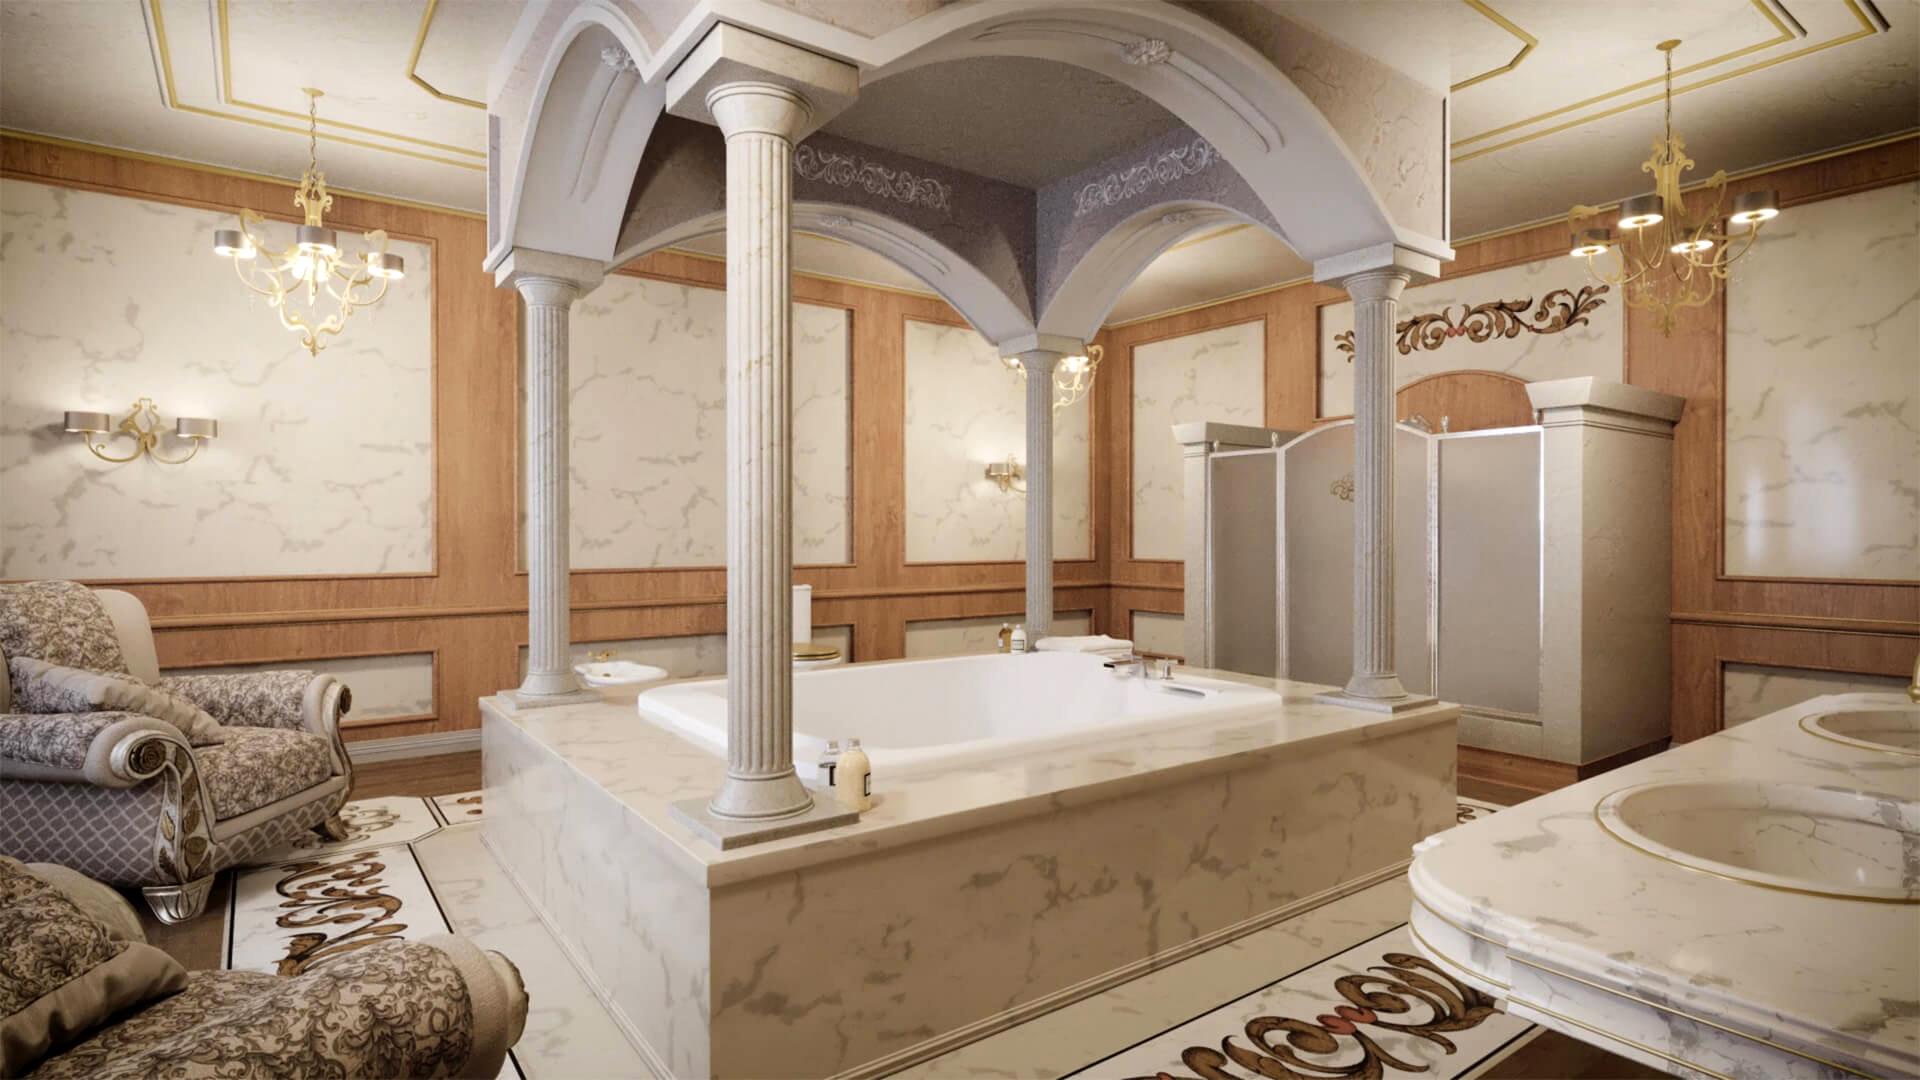 Putyin egyik fürdőszobája. (Fotó: Palace.navalny.com)